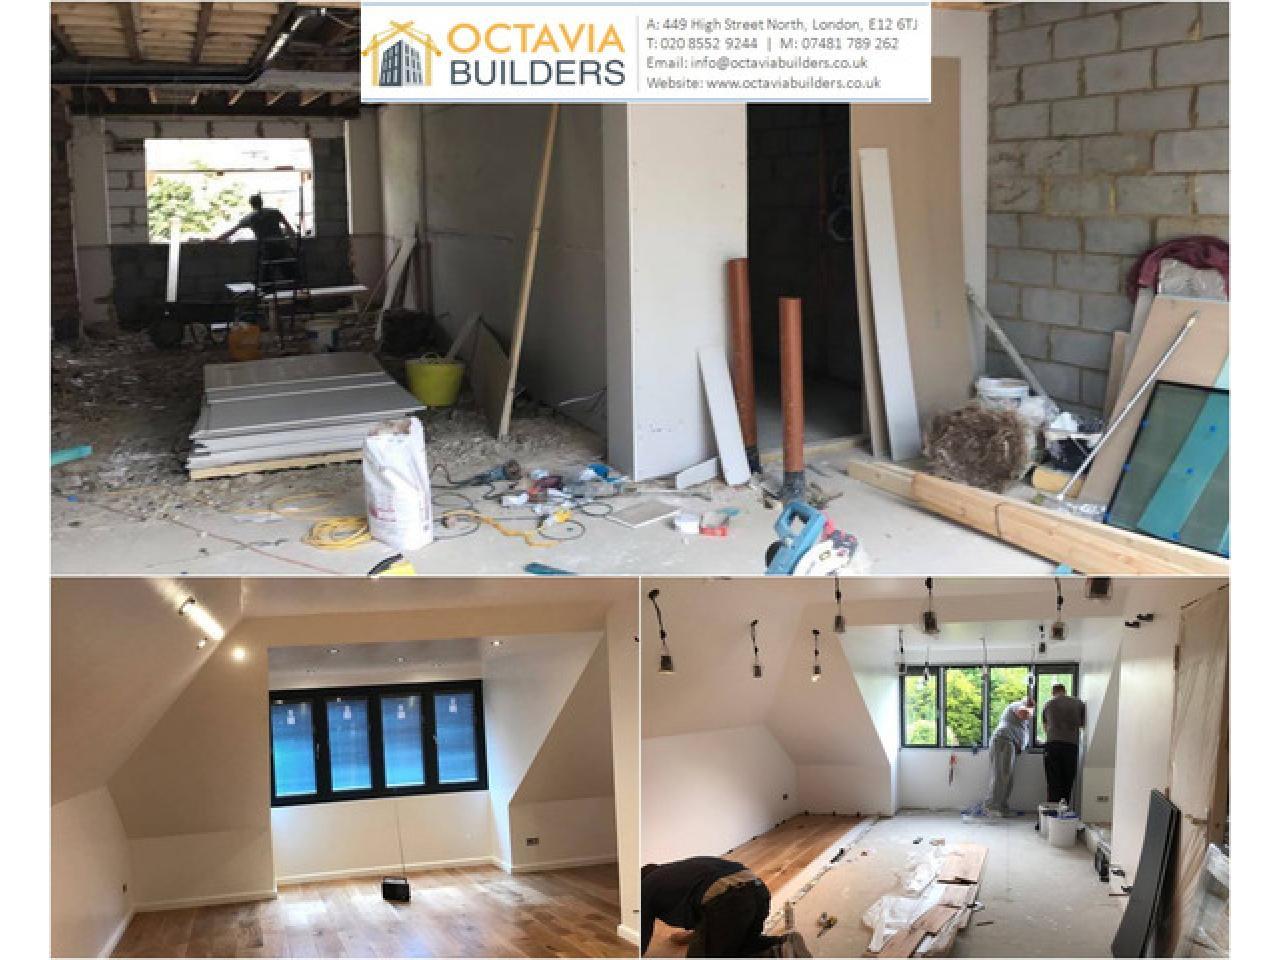 Octavia Builders - Высококвалифицированные специалисты - 7